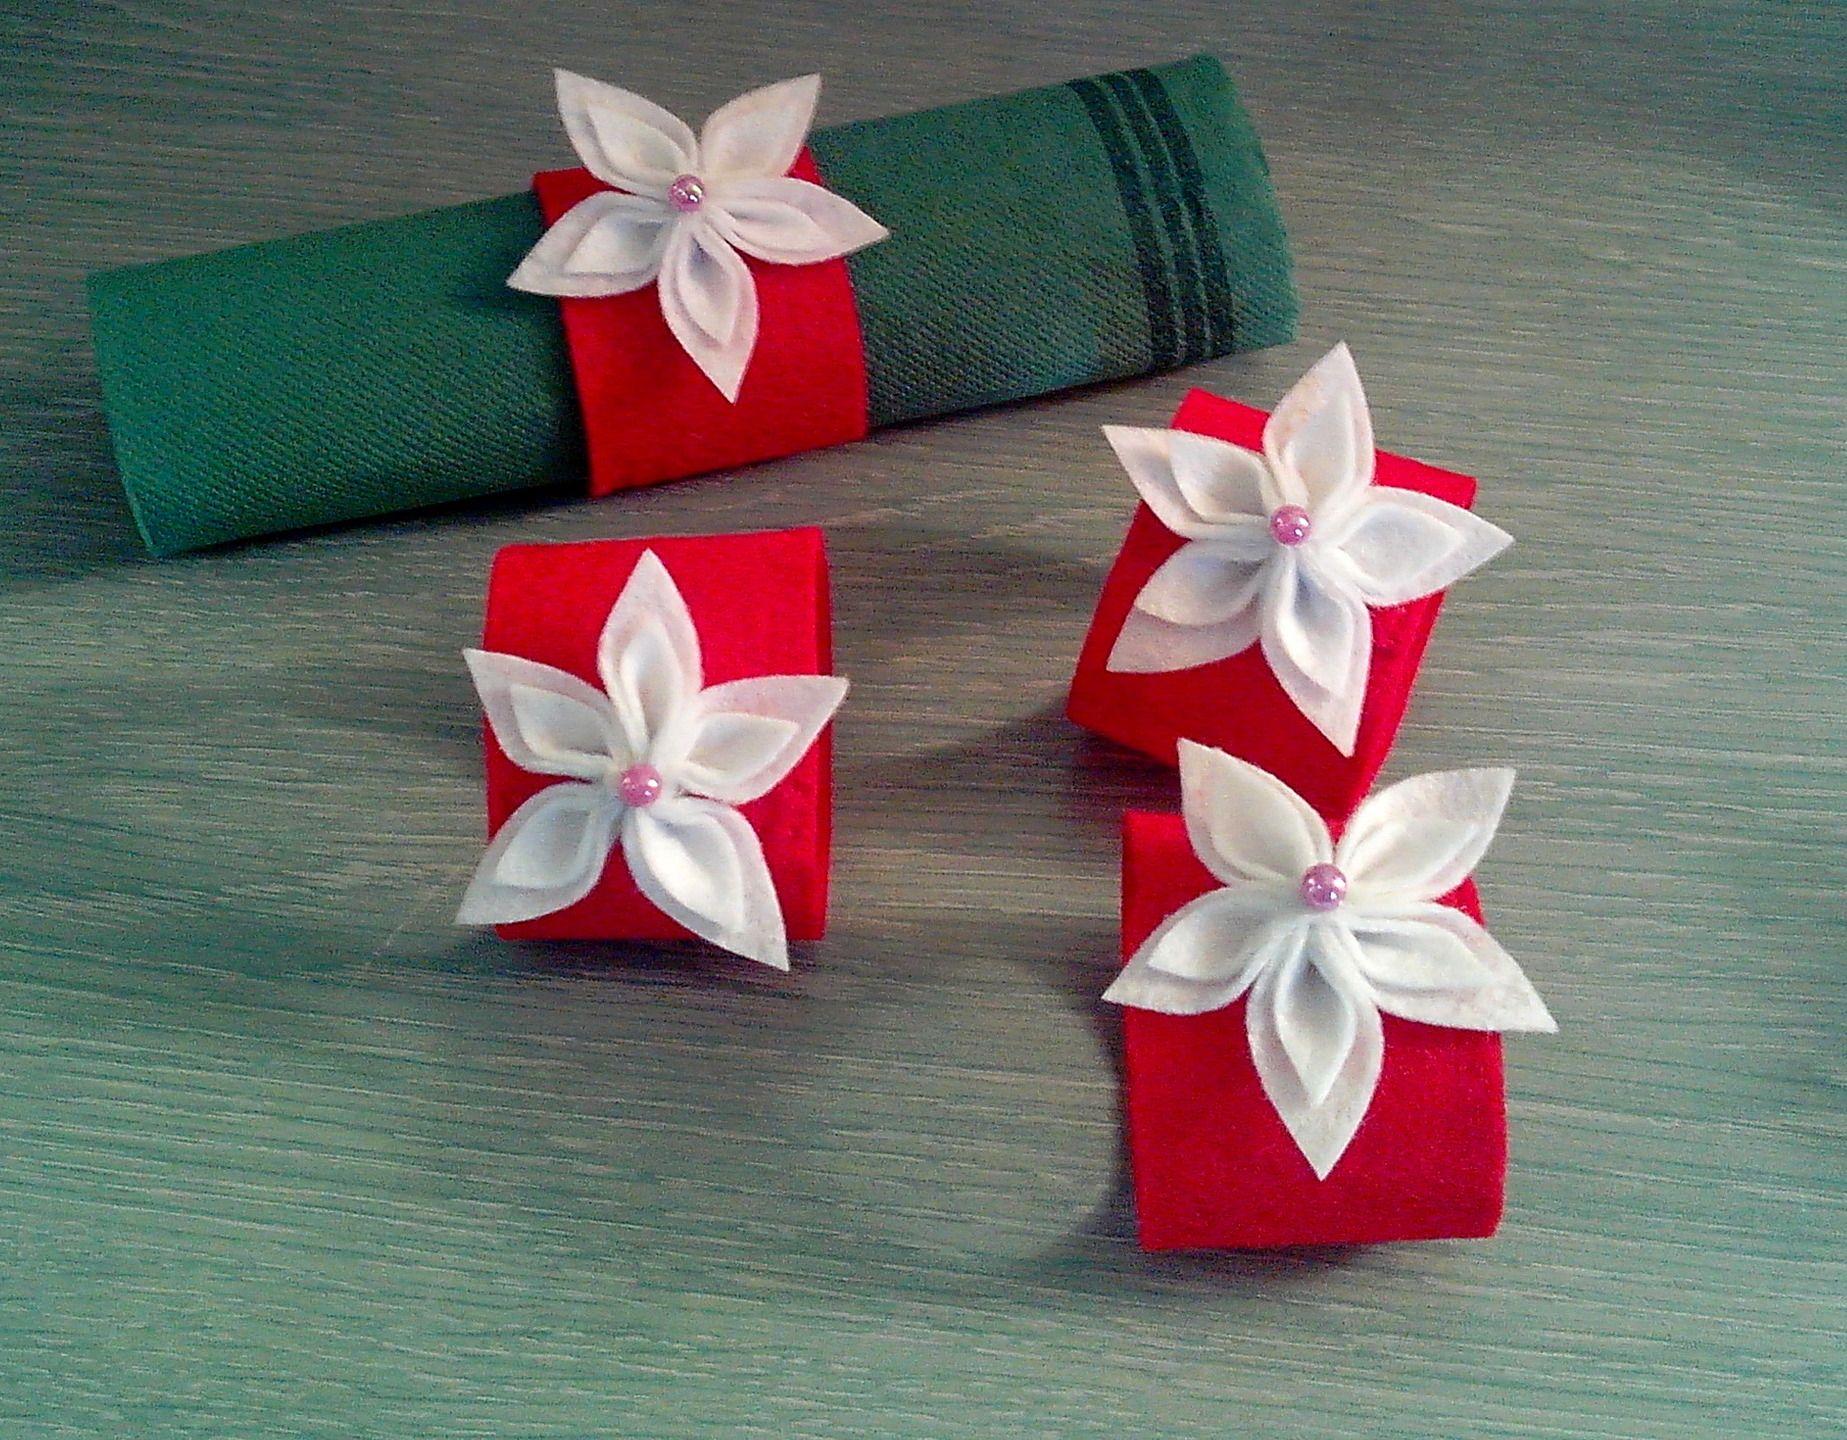 Rond De Serviette A Fabriquer Pour Noel ravissants ronds de serviettes en feutrine pour les fêtes de